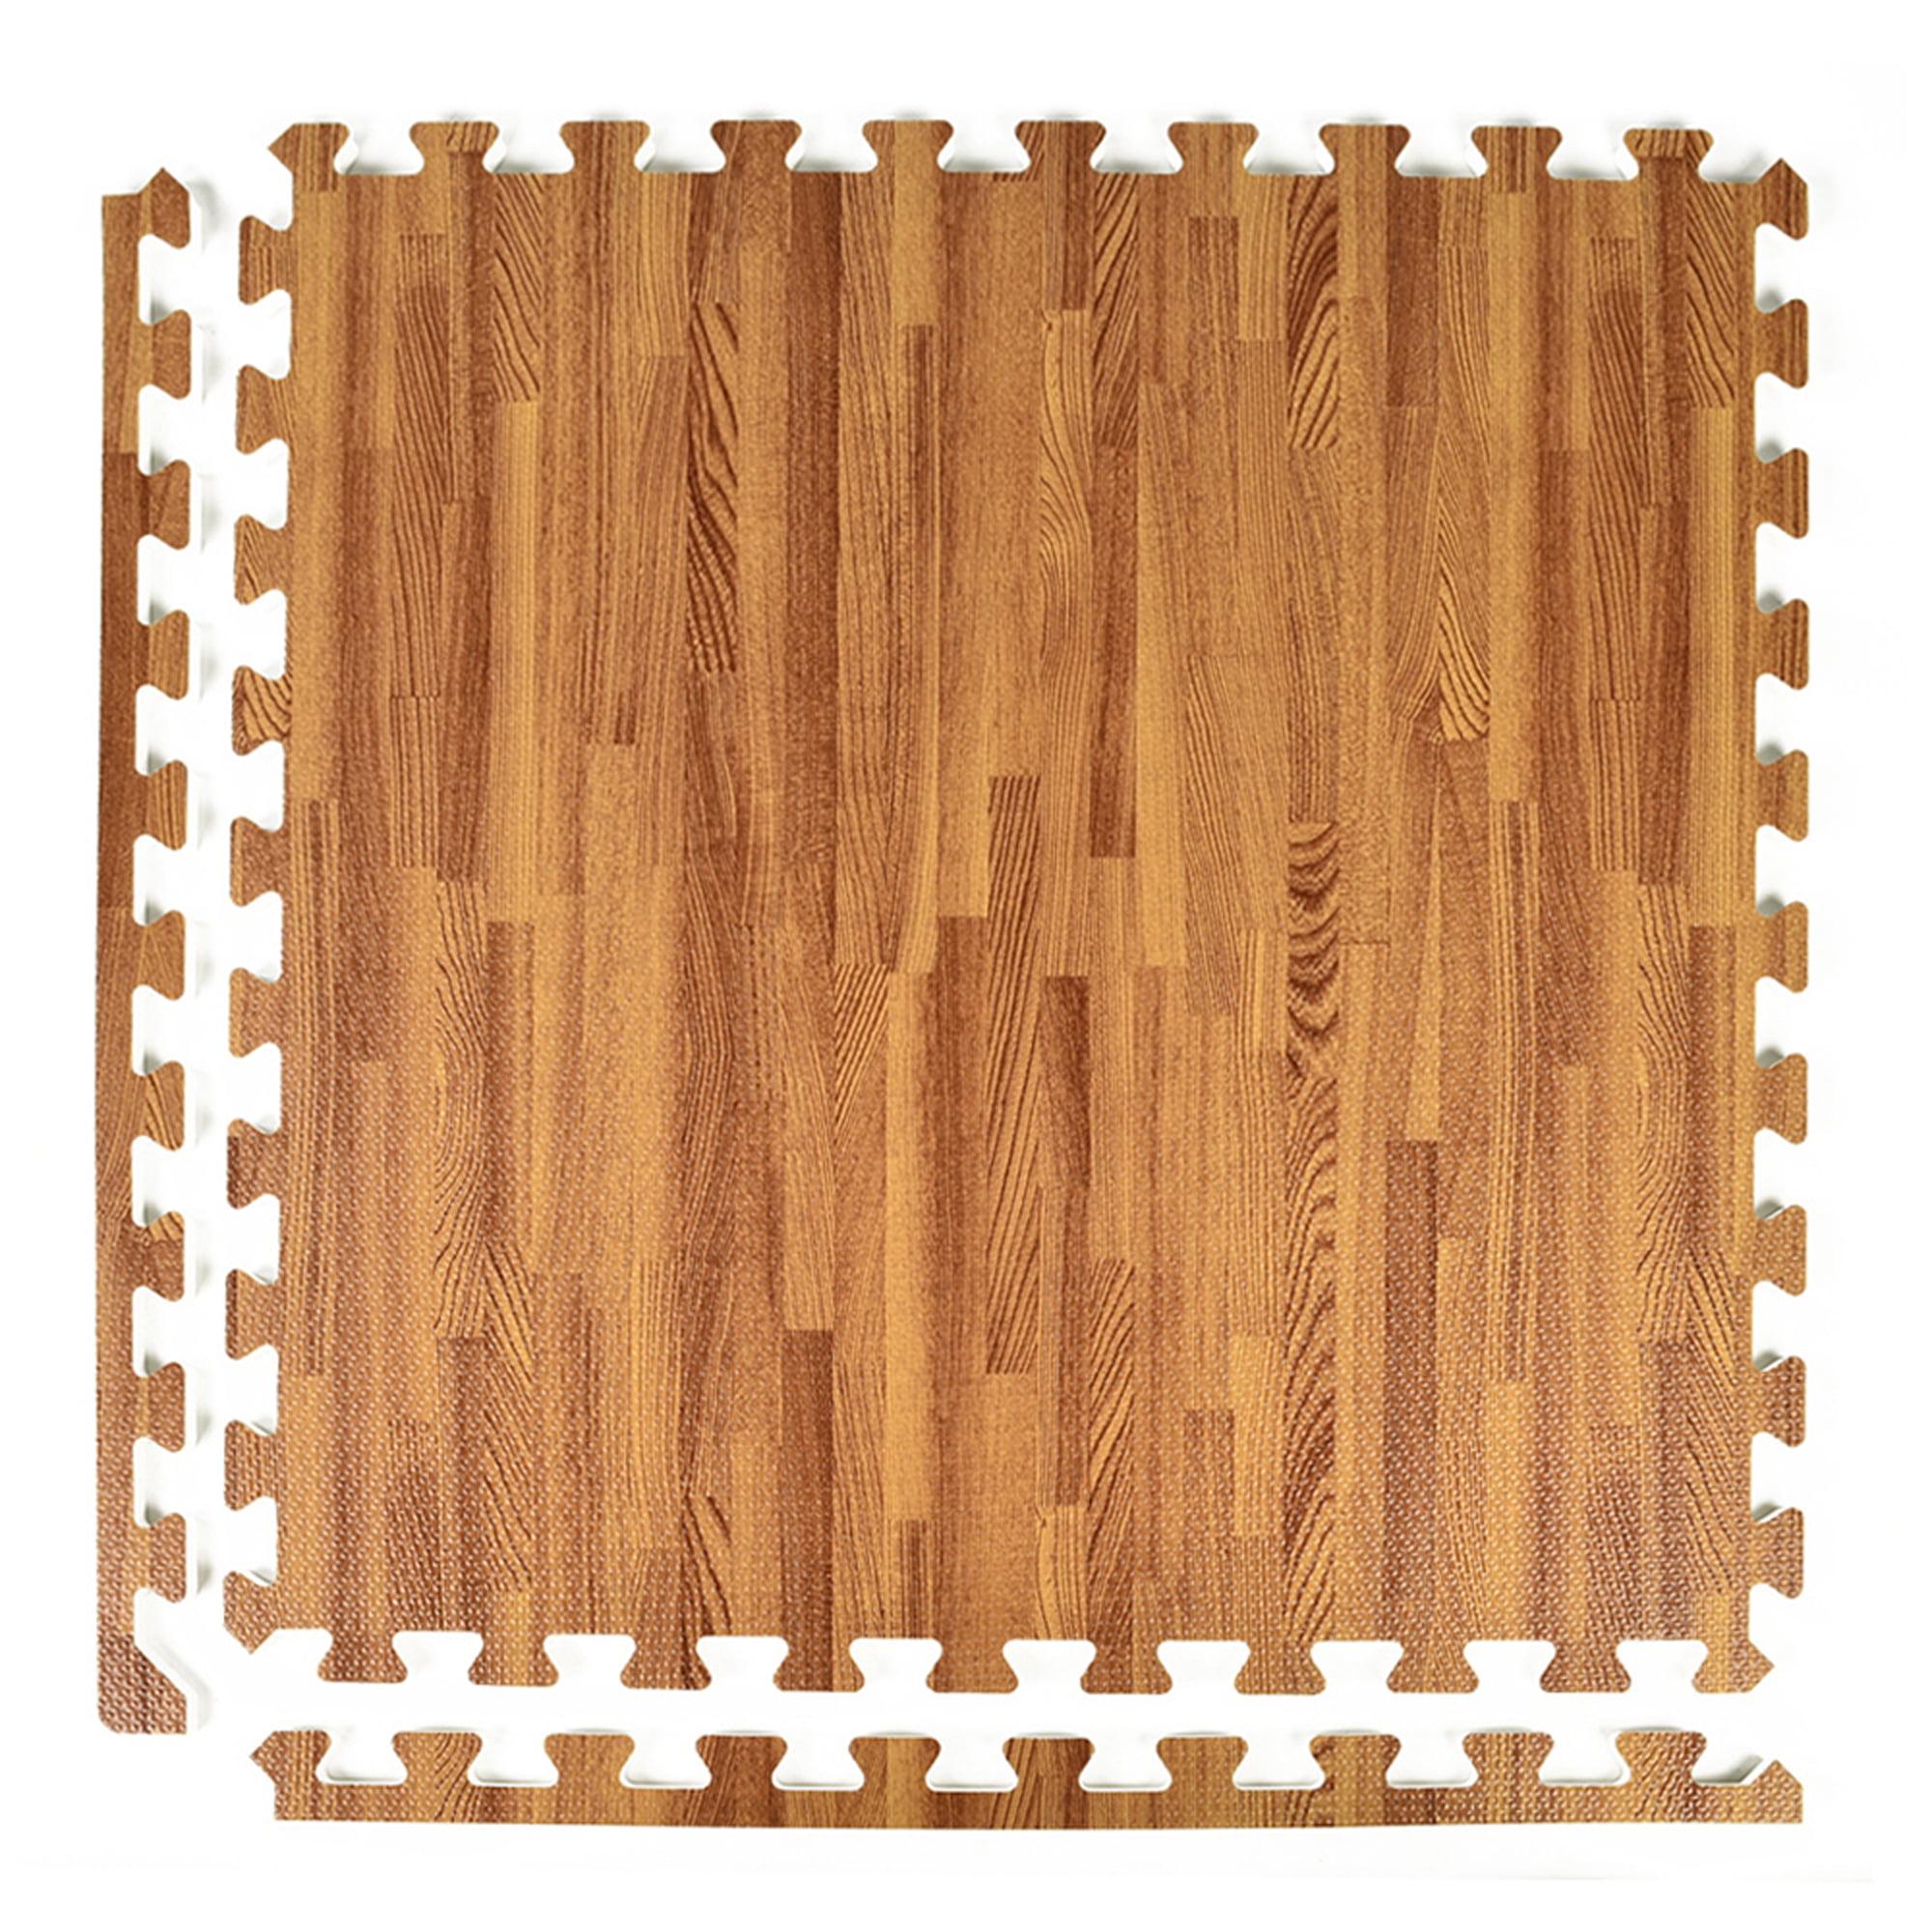 Greatmats FoamFloor Interlocking Dark Wood Grain Design 2 ft. x 2 ft. x 1/2 in. Foam Floor Tiles 25 Pack